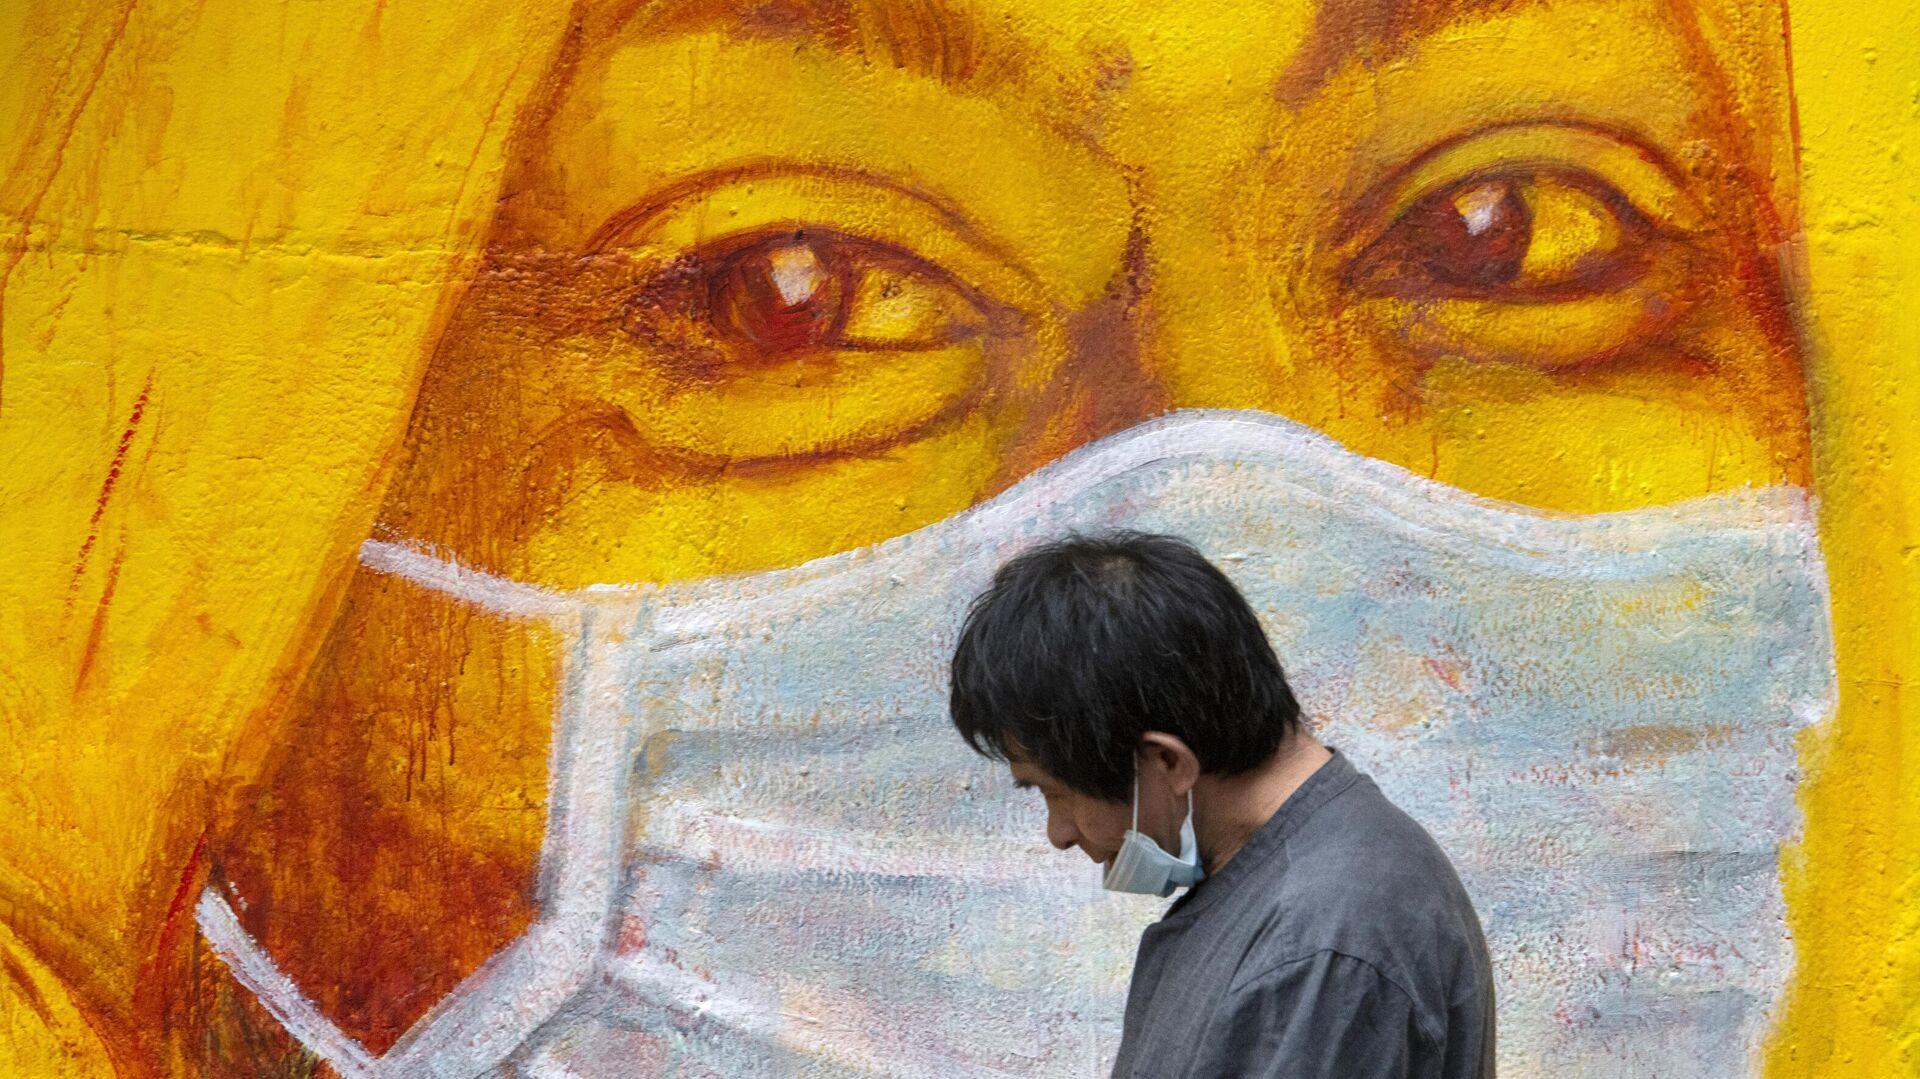 Прохожий около стены с изображением человека в маске в Гонконге - РИА Новости, 1920, 18.10.2020